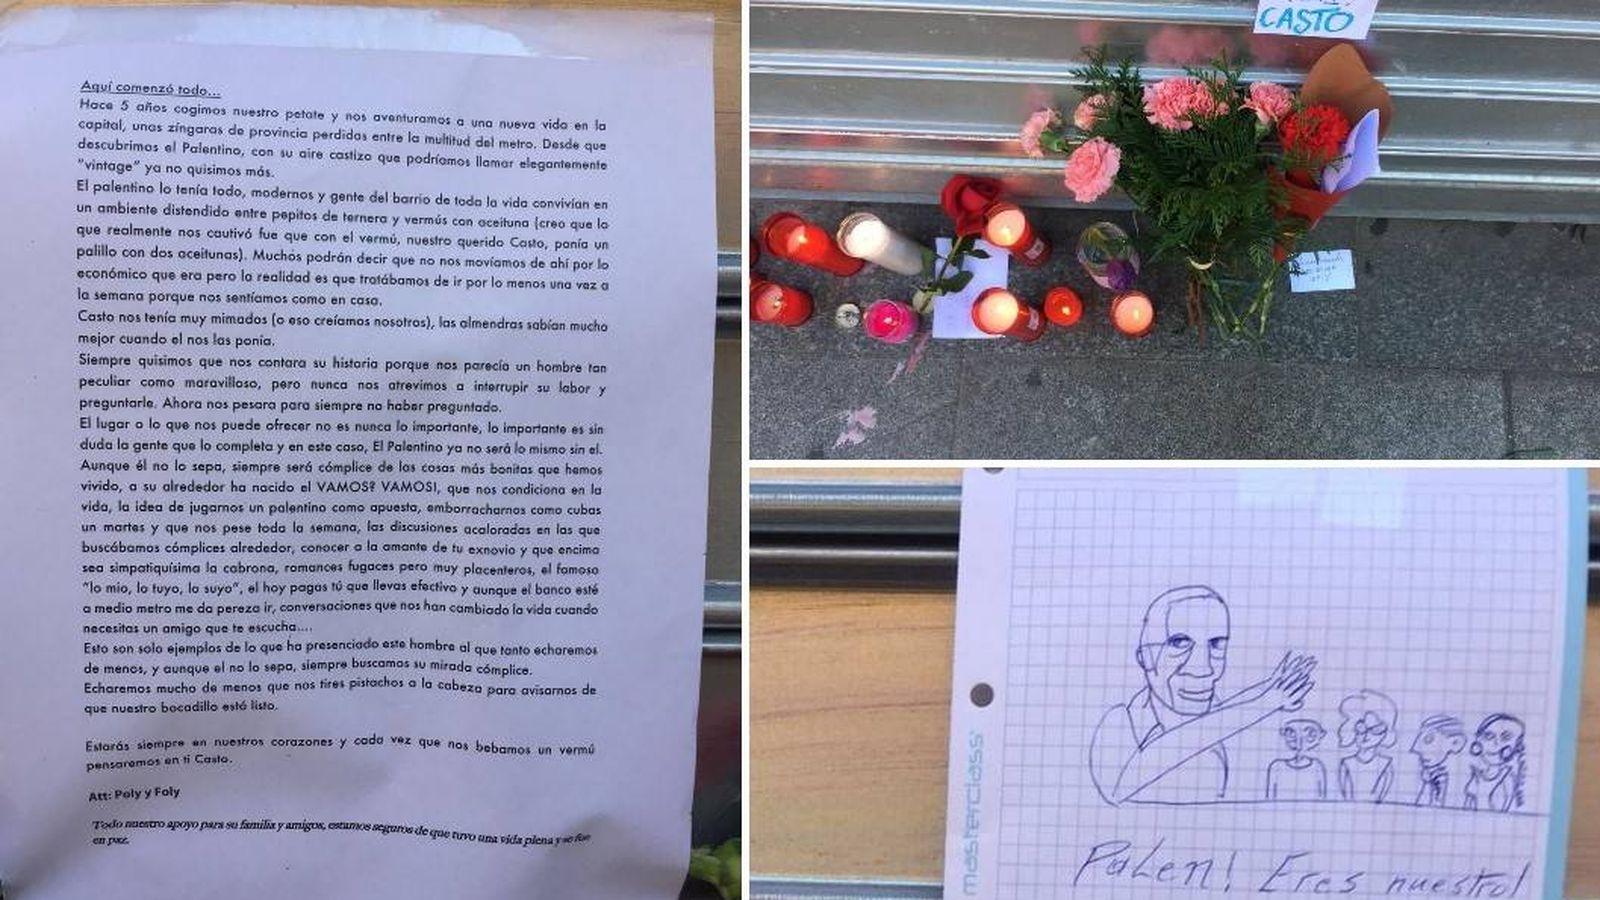 Foto: En la persiana de El Palentino pueden verse dibujos, flores, mensajes o velas como homenaje a Casto.